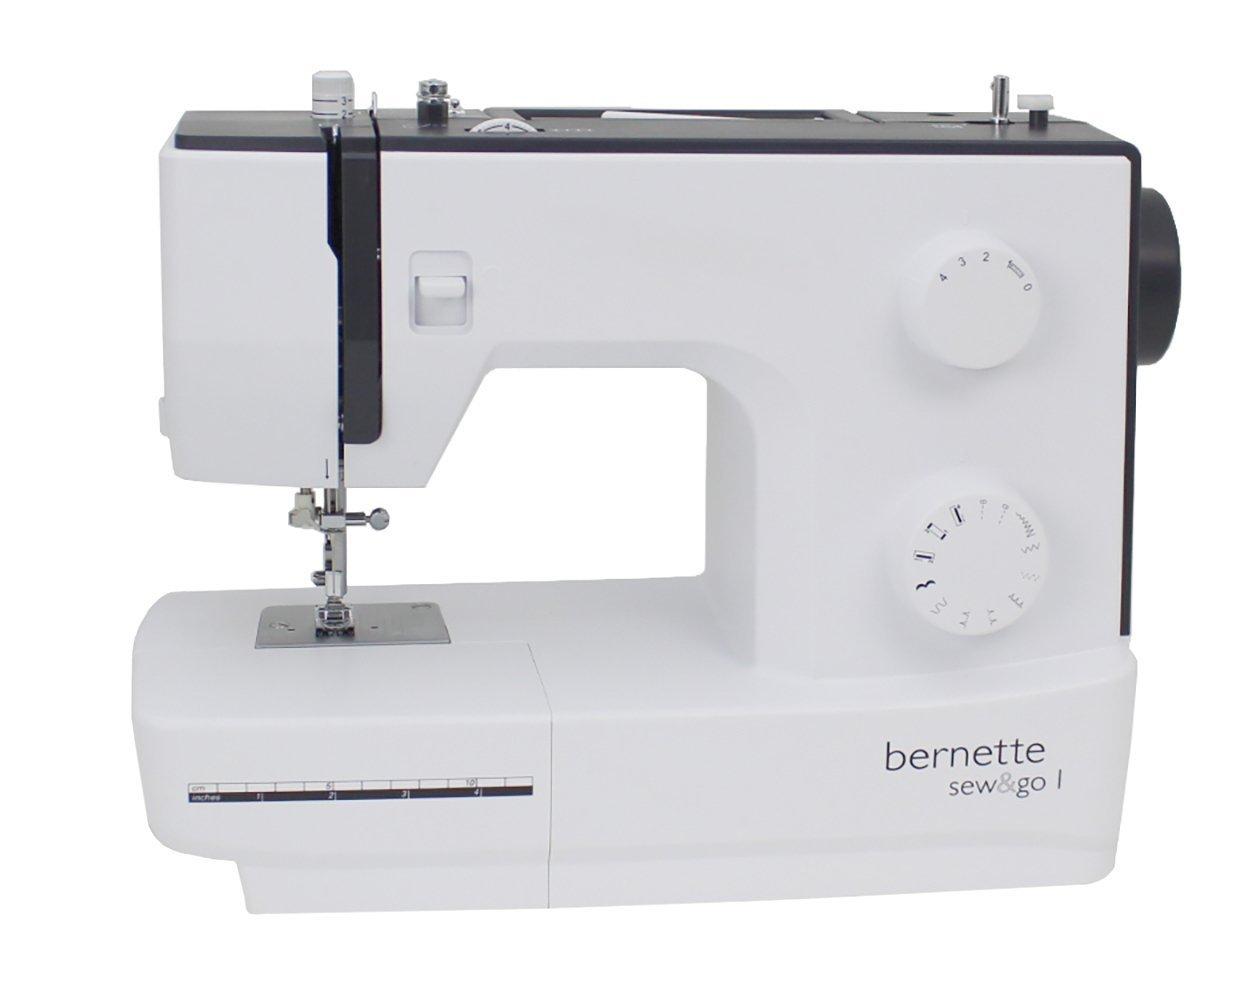 Bernette Sew-n-Go Mechanical Sewing Machine